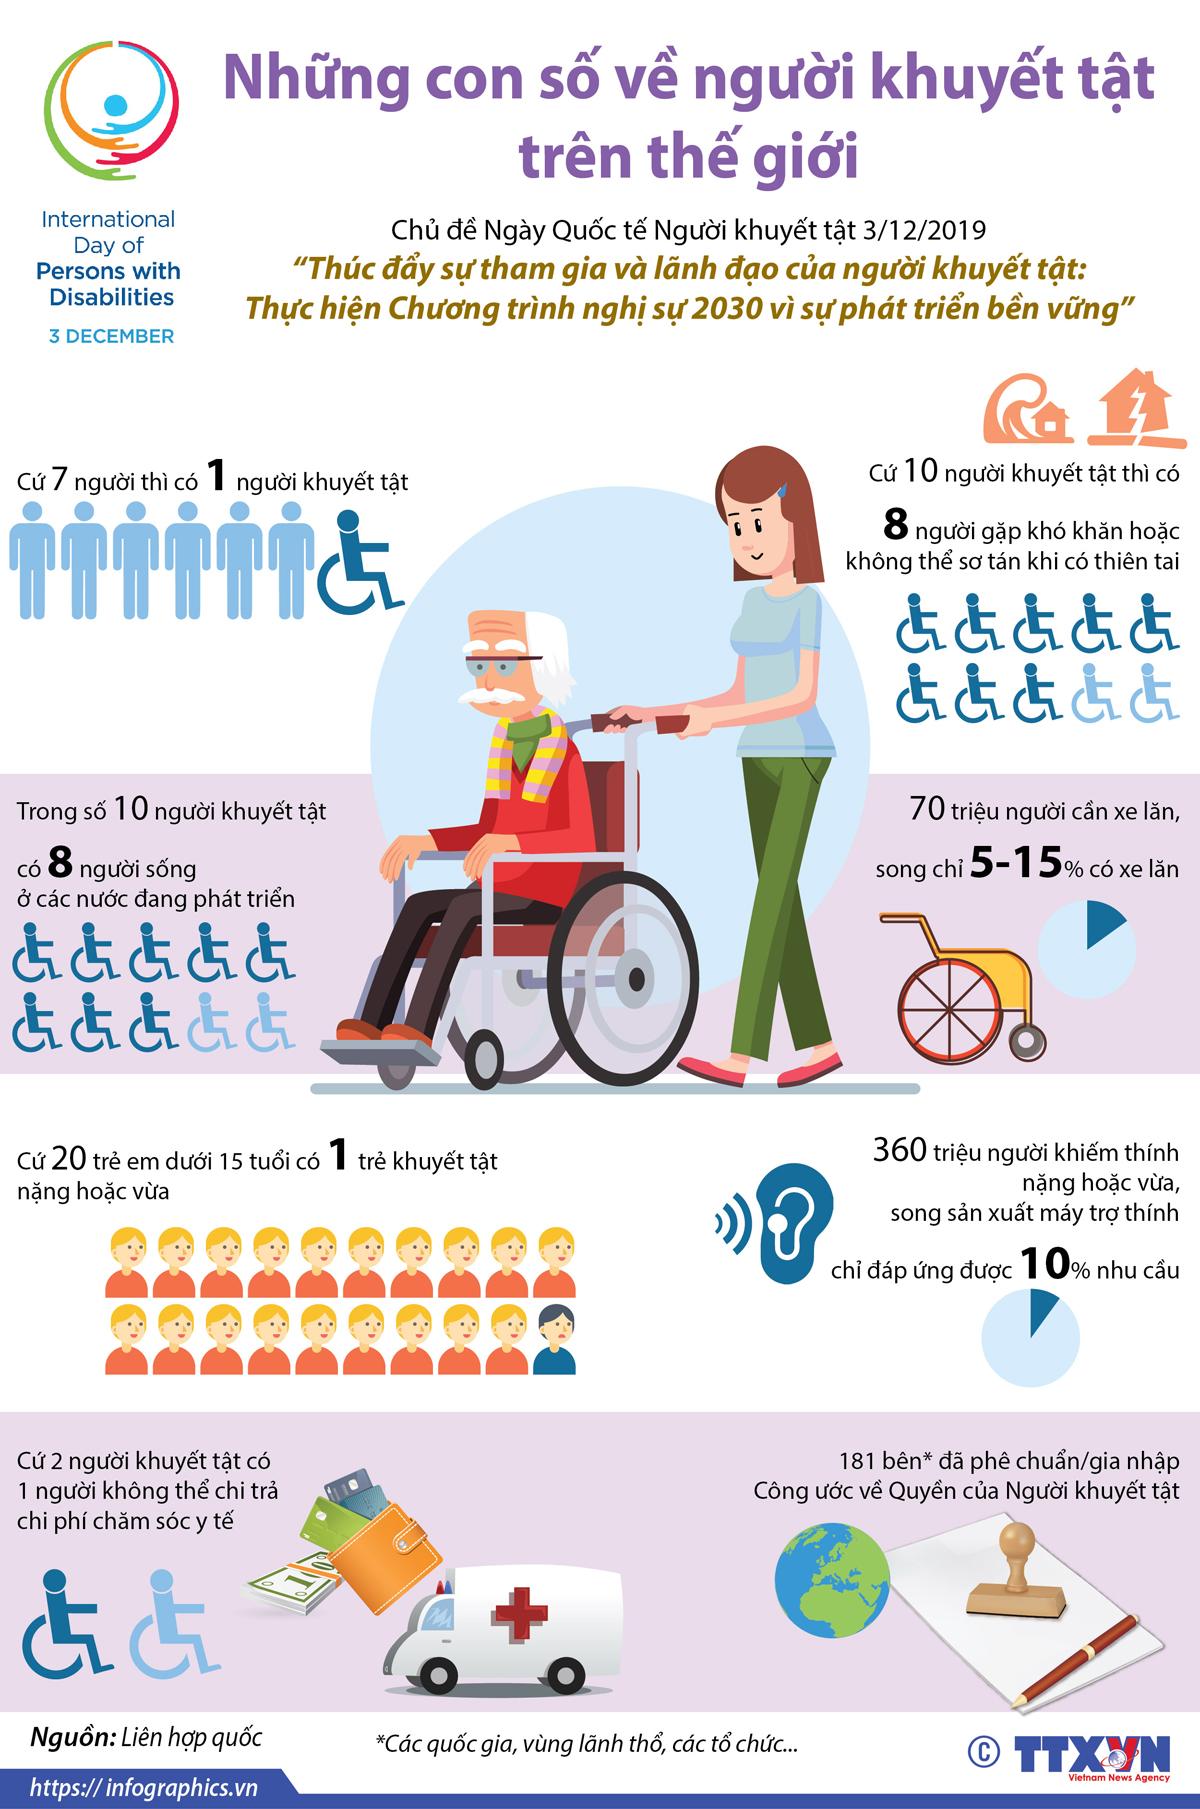 Ngày Quốc tế Người khuyết tật, con số người khuyết tật, thế giới, Thực hiện Chương trình, nghị sự 2030